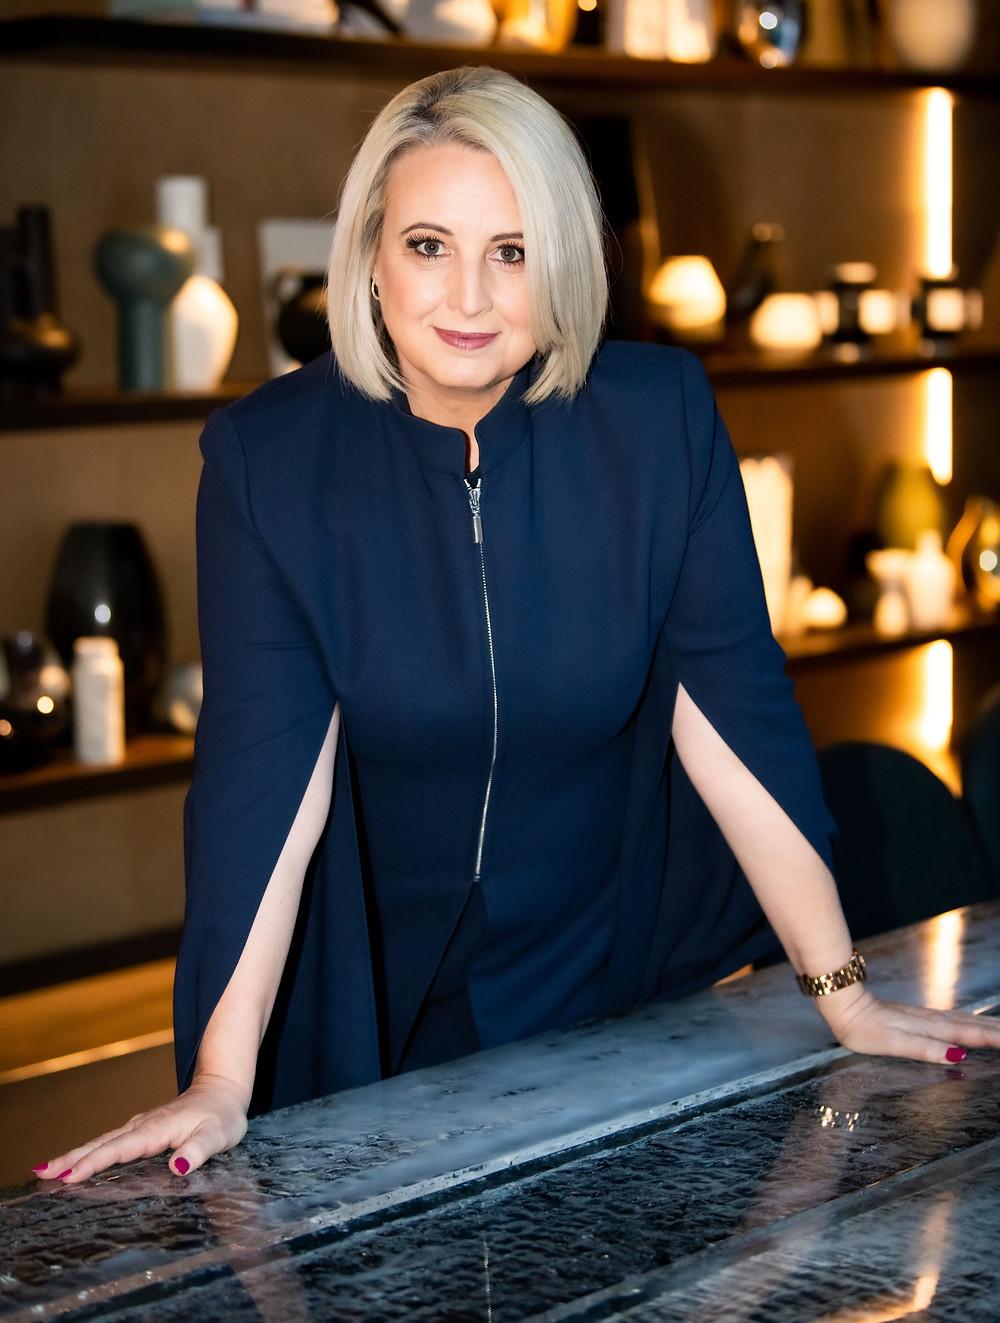 Jacqueline Nagle